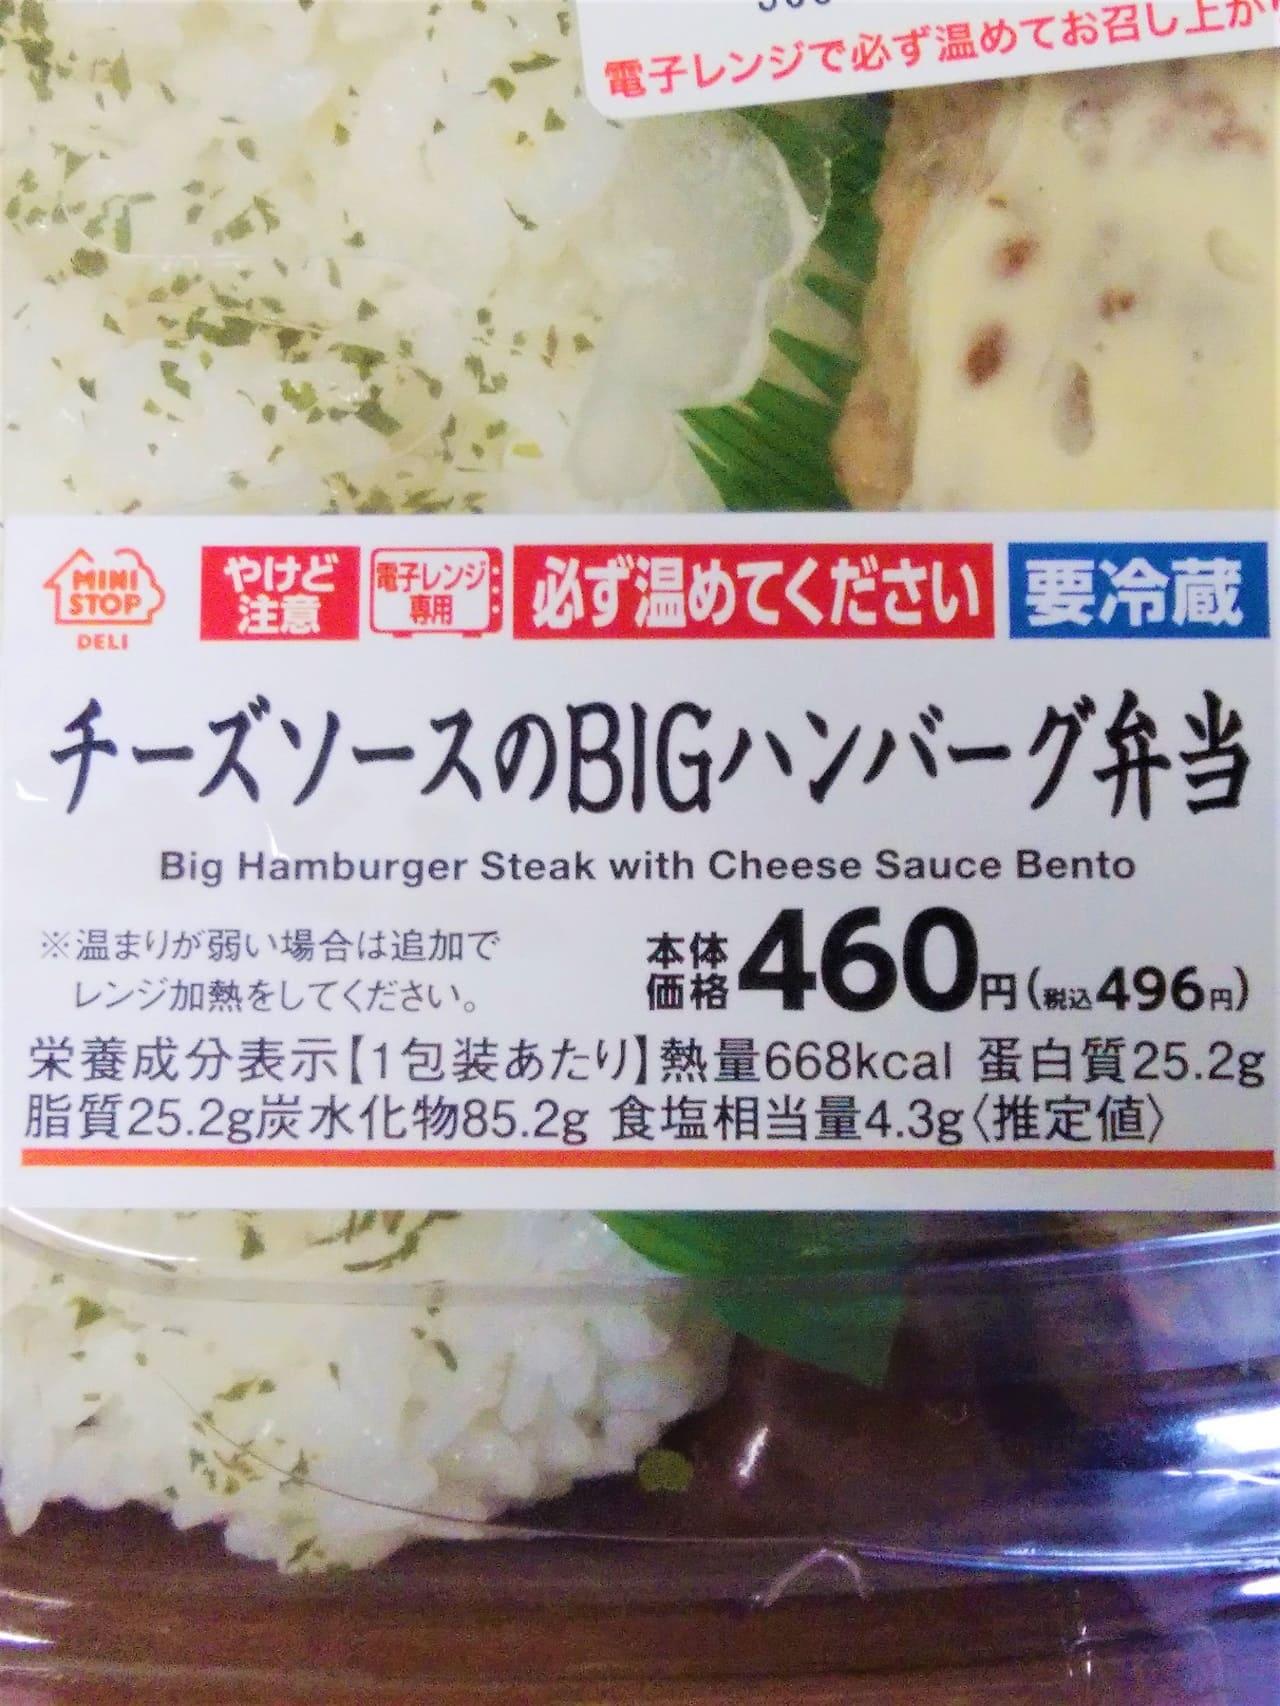 ハンバーグ弁当パッケージ